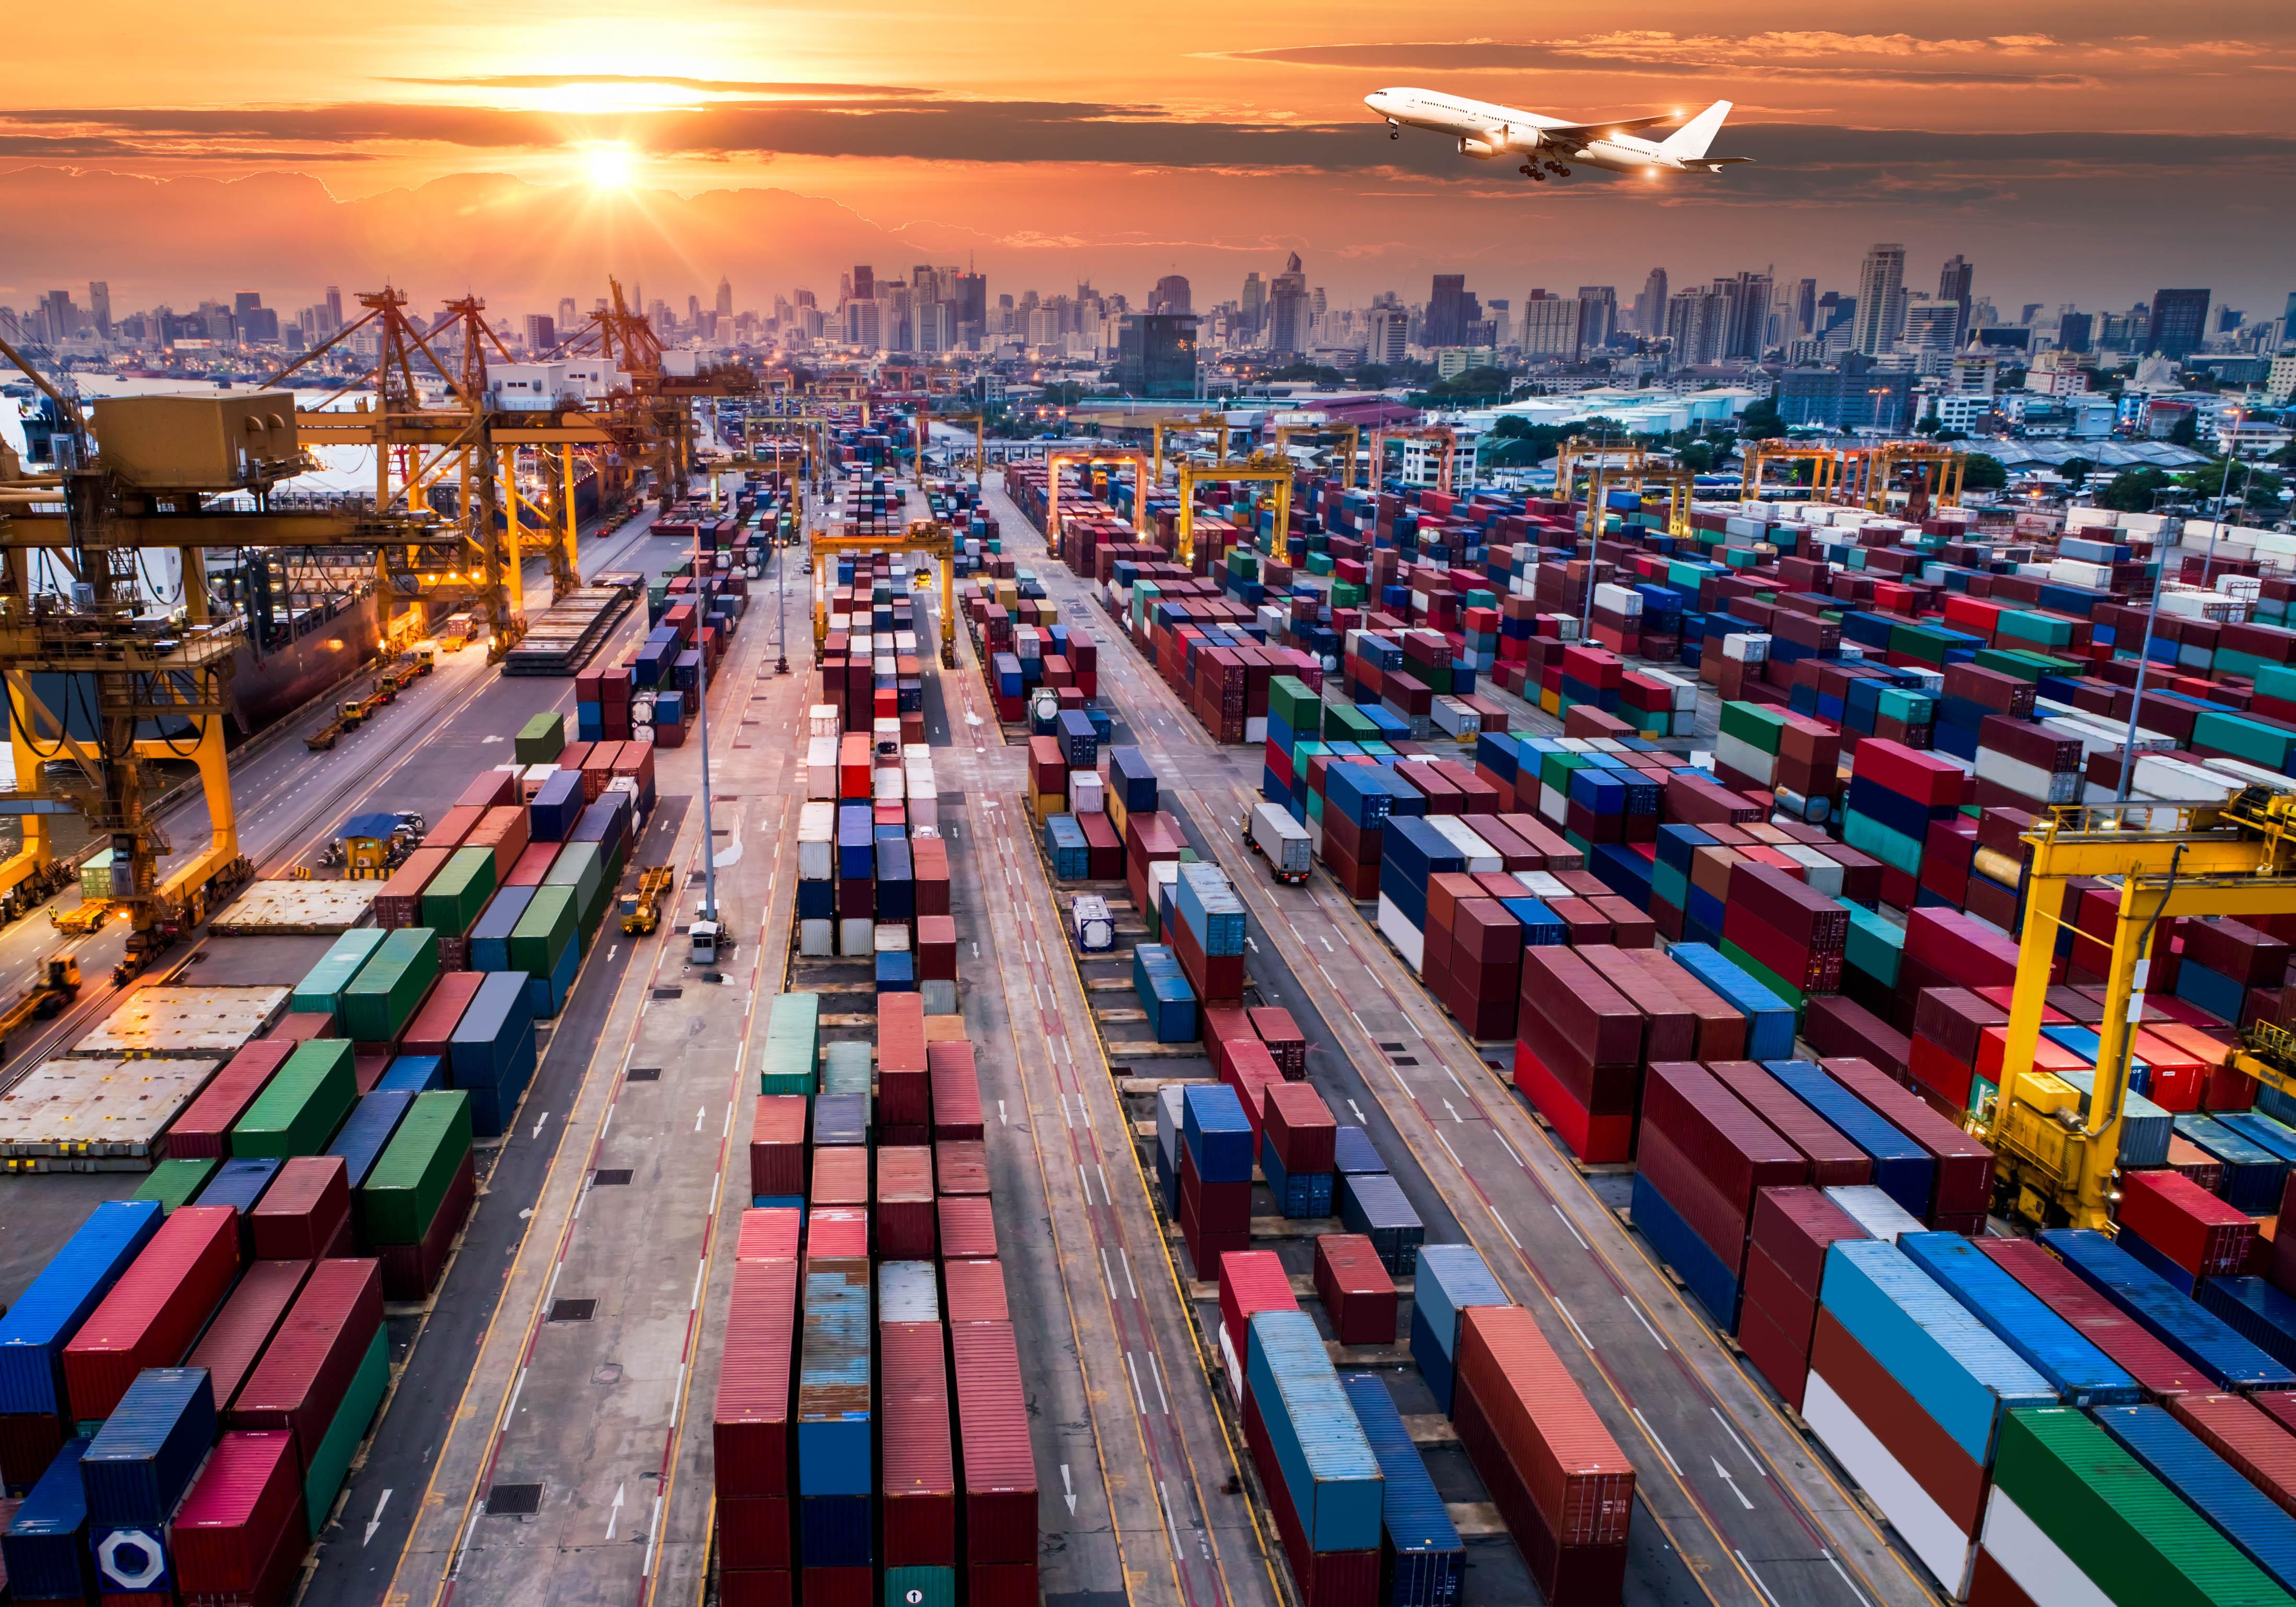 Business Transactions and International Sale of Goods/Правове регулювання транзакцій та міжнародна торгівля товарами